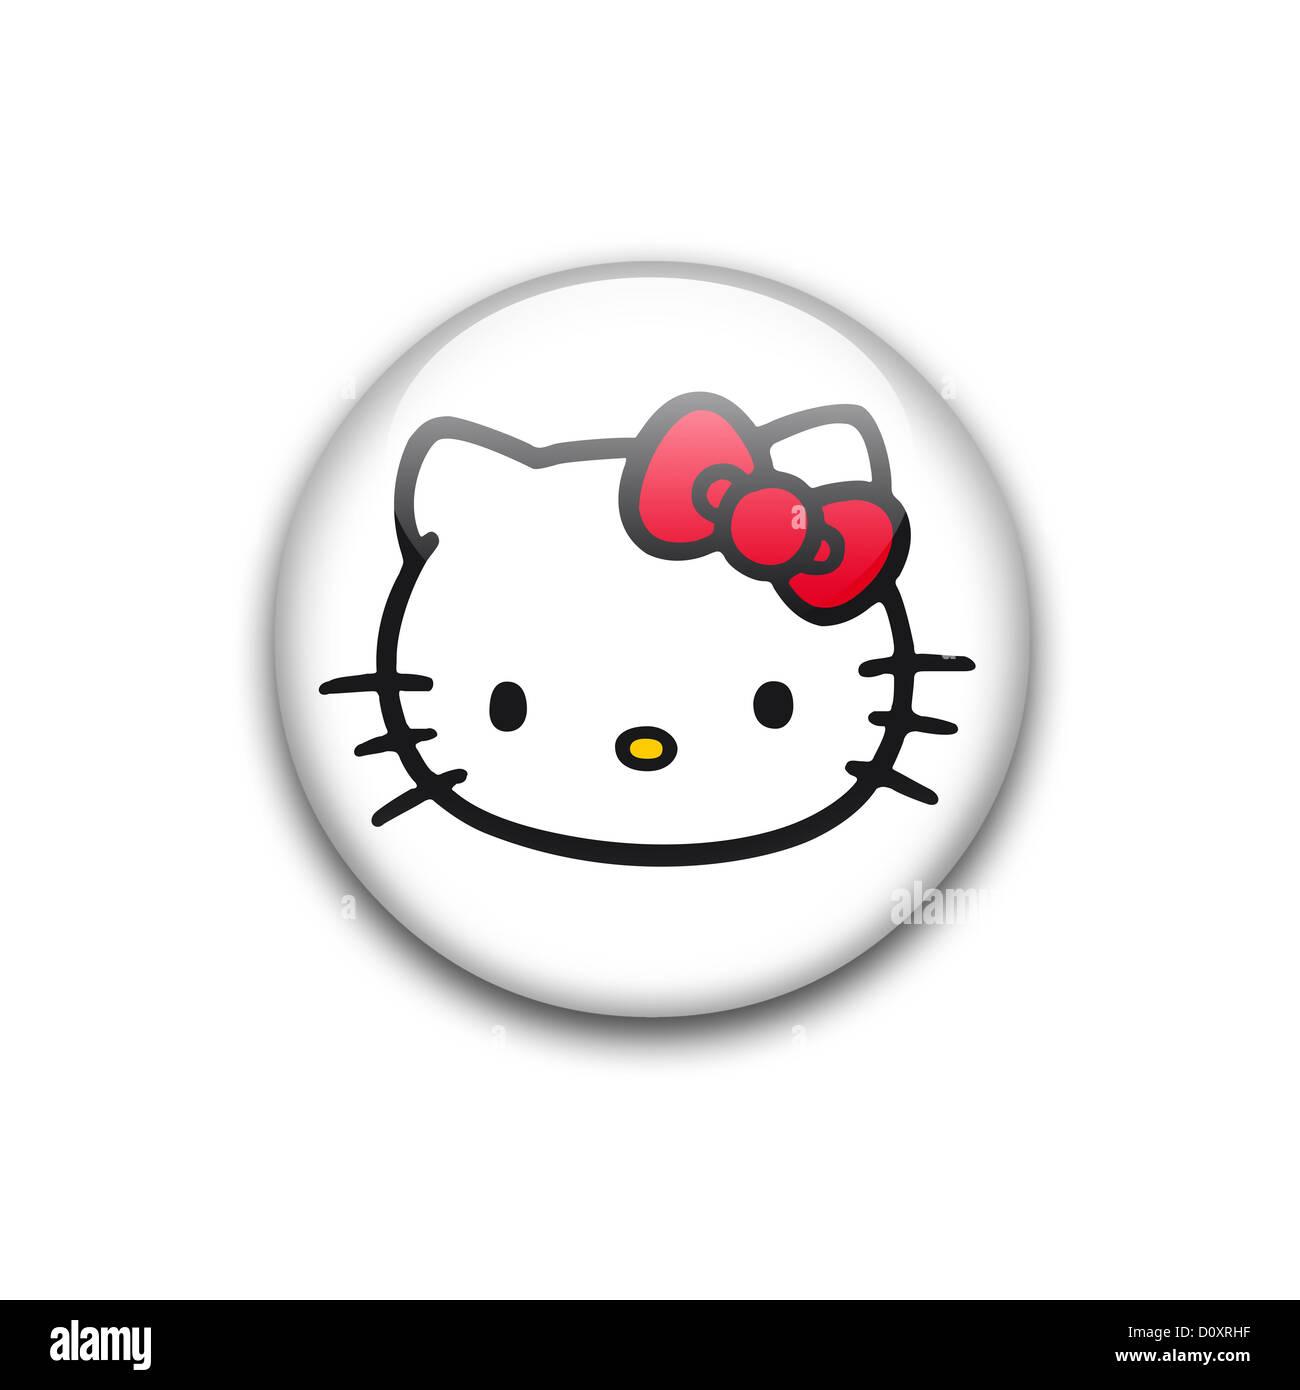 Hello kitty symbol logo icon stock photo 52220379 alamy hello kitty symbol logo icon biocorpaavc Image collections